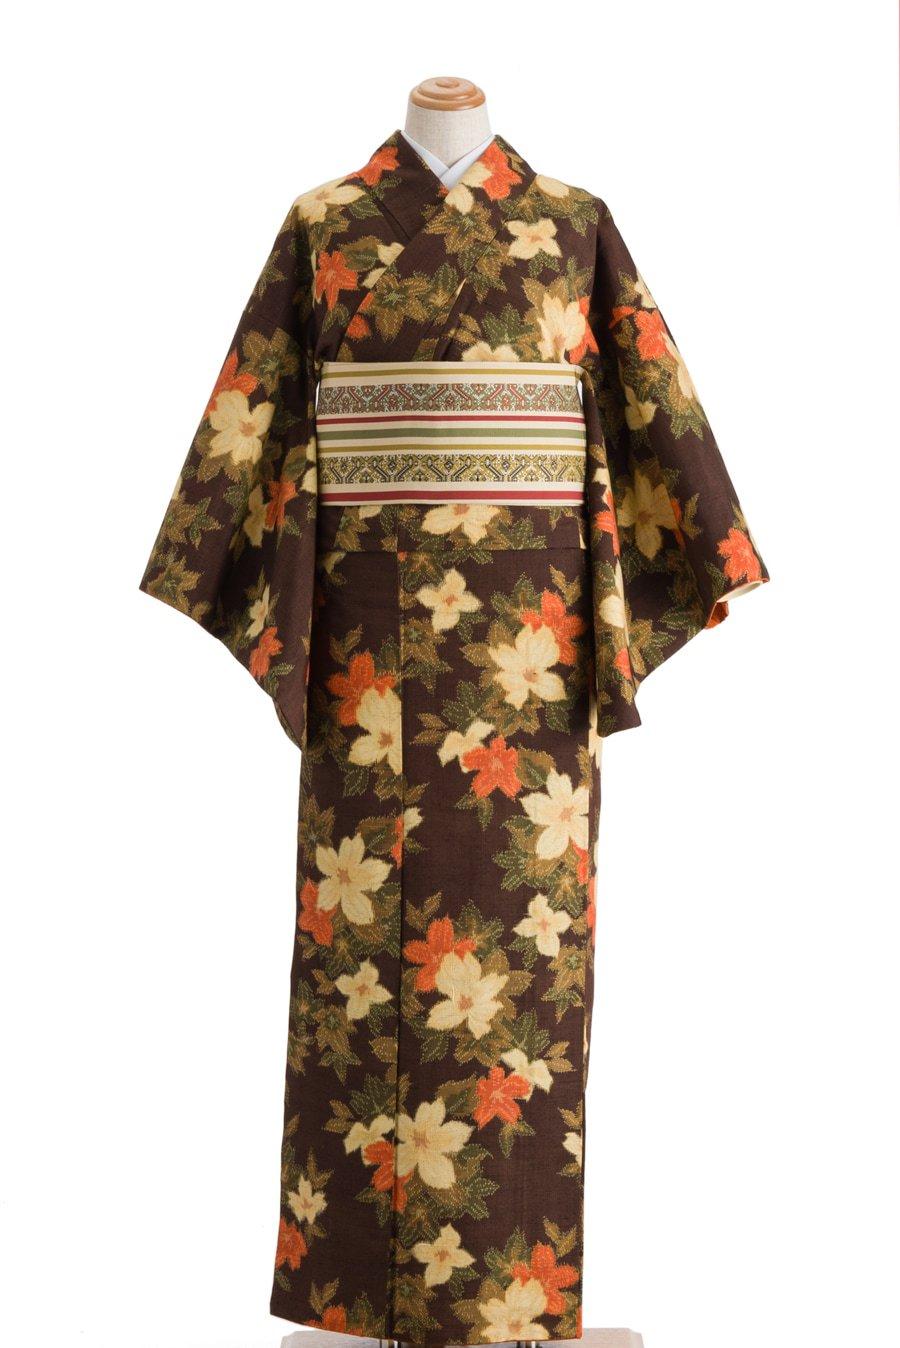 「紬 焦げ茶 花」の商品画像